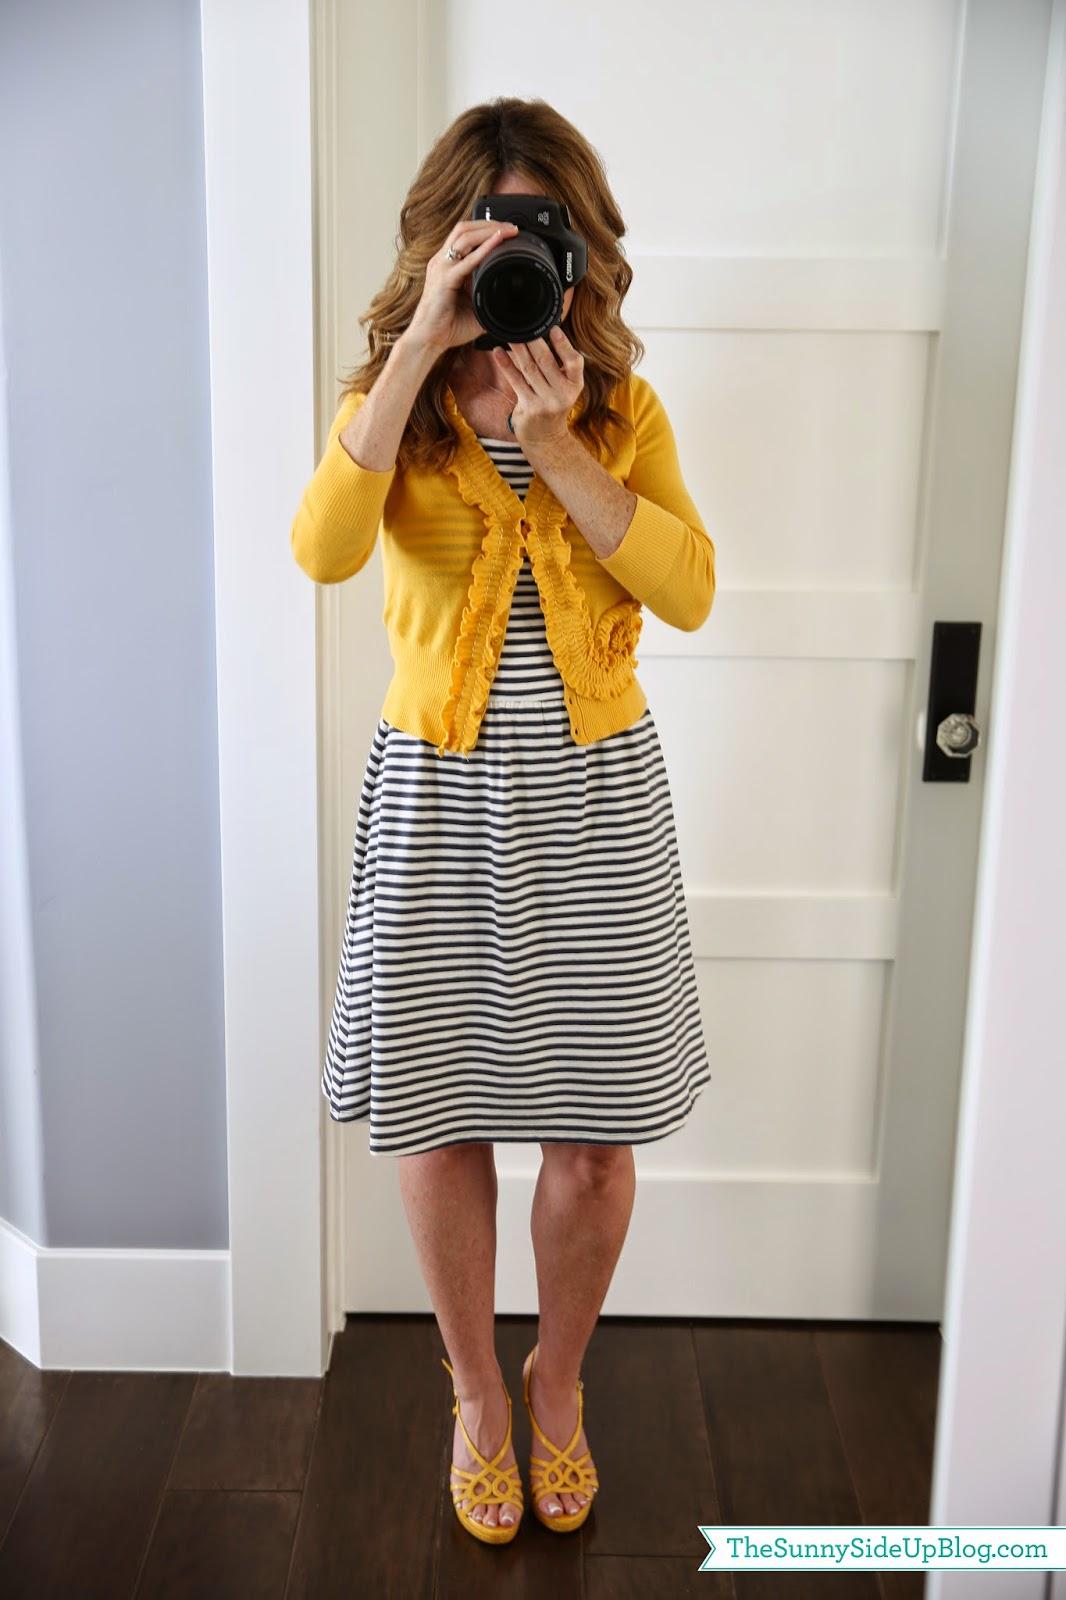 Fashion Friday (striped sleeveless jersey dress)